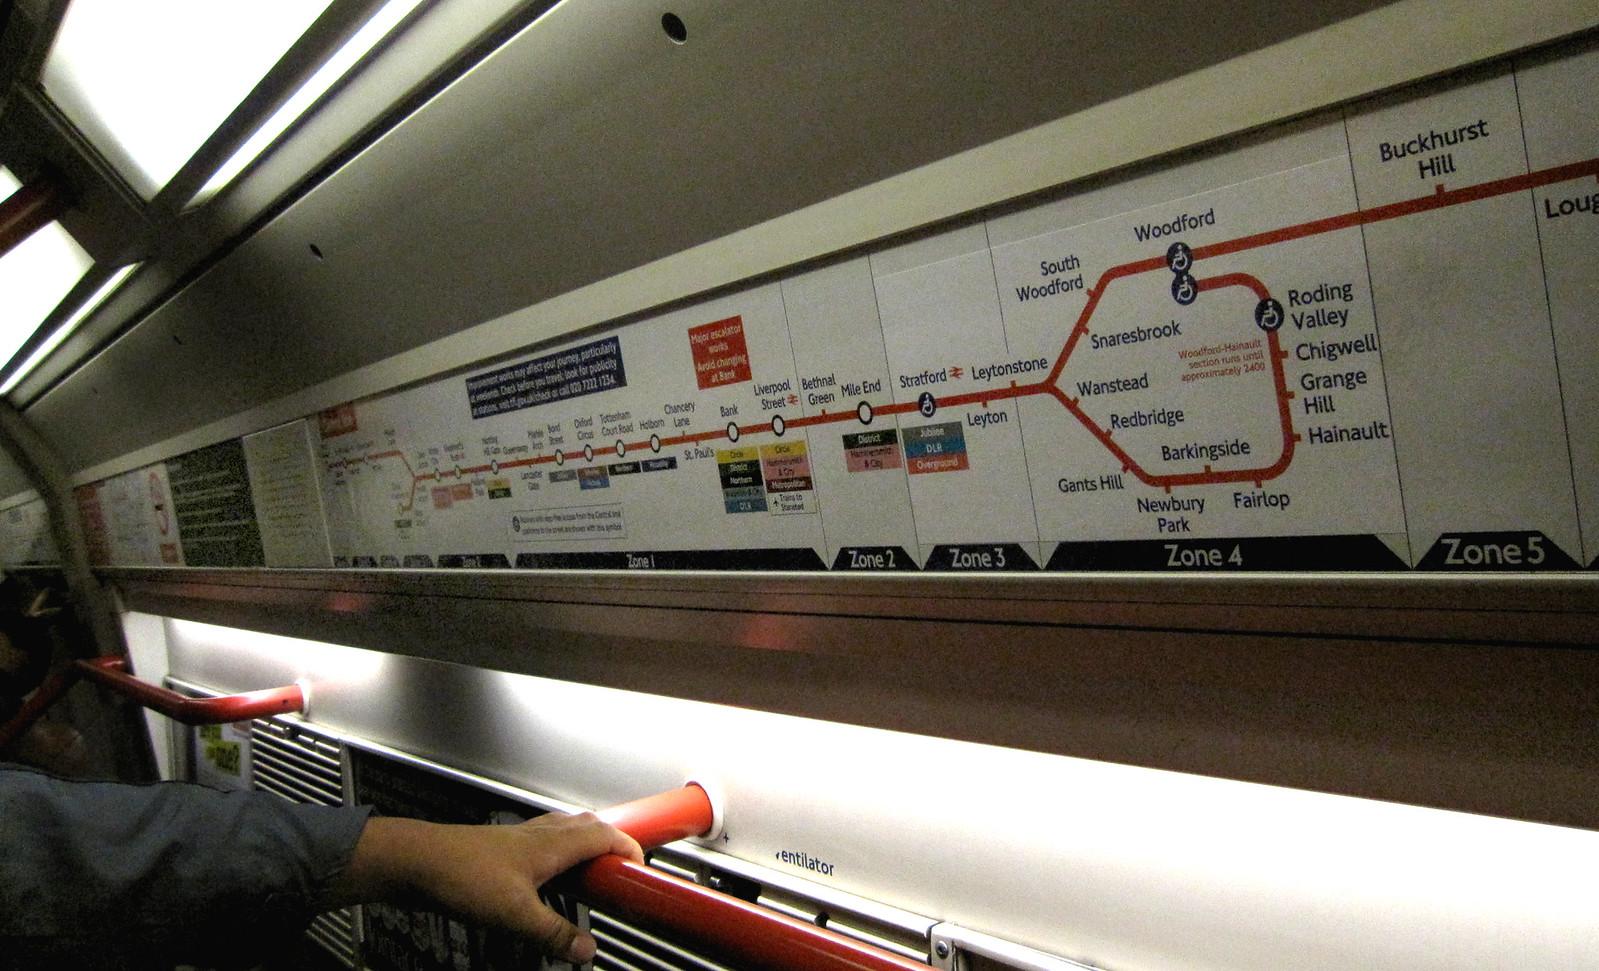 London 142